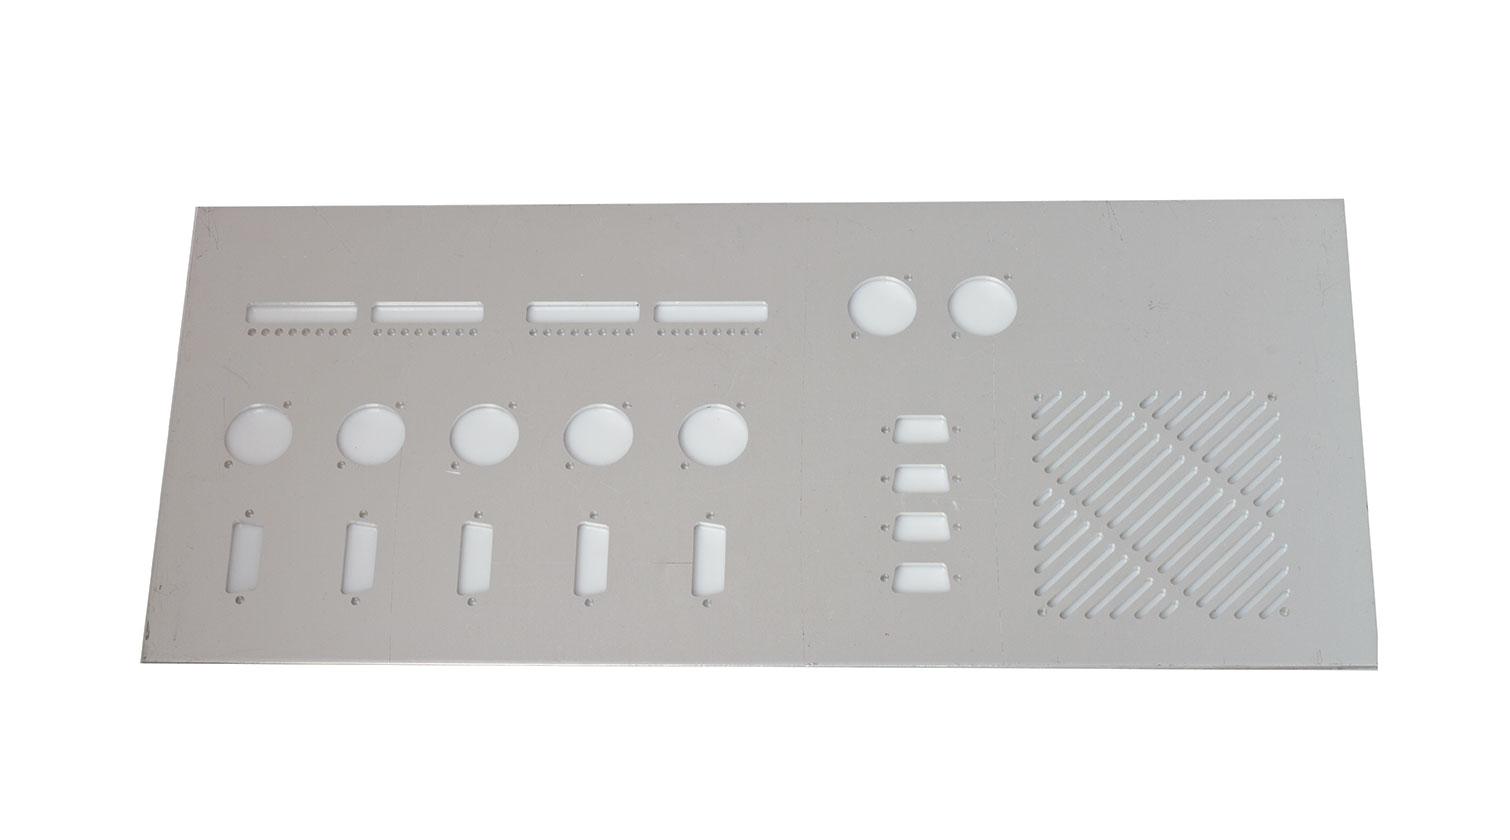 INT CNC Imes Icore FlatCom sign